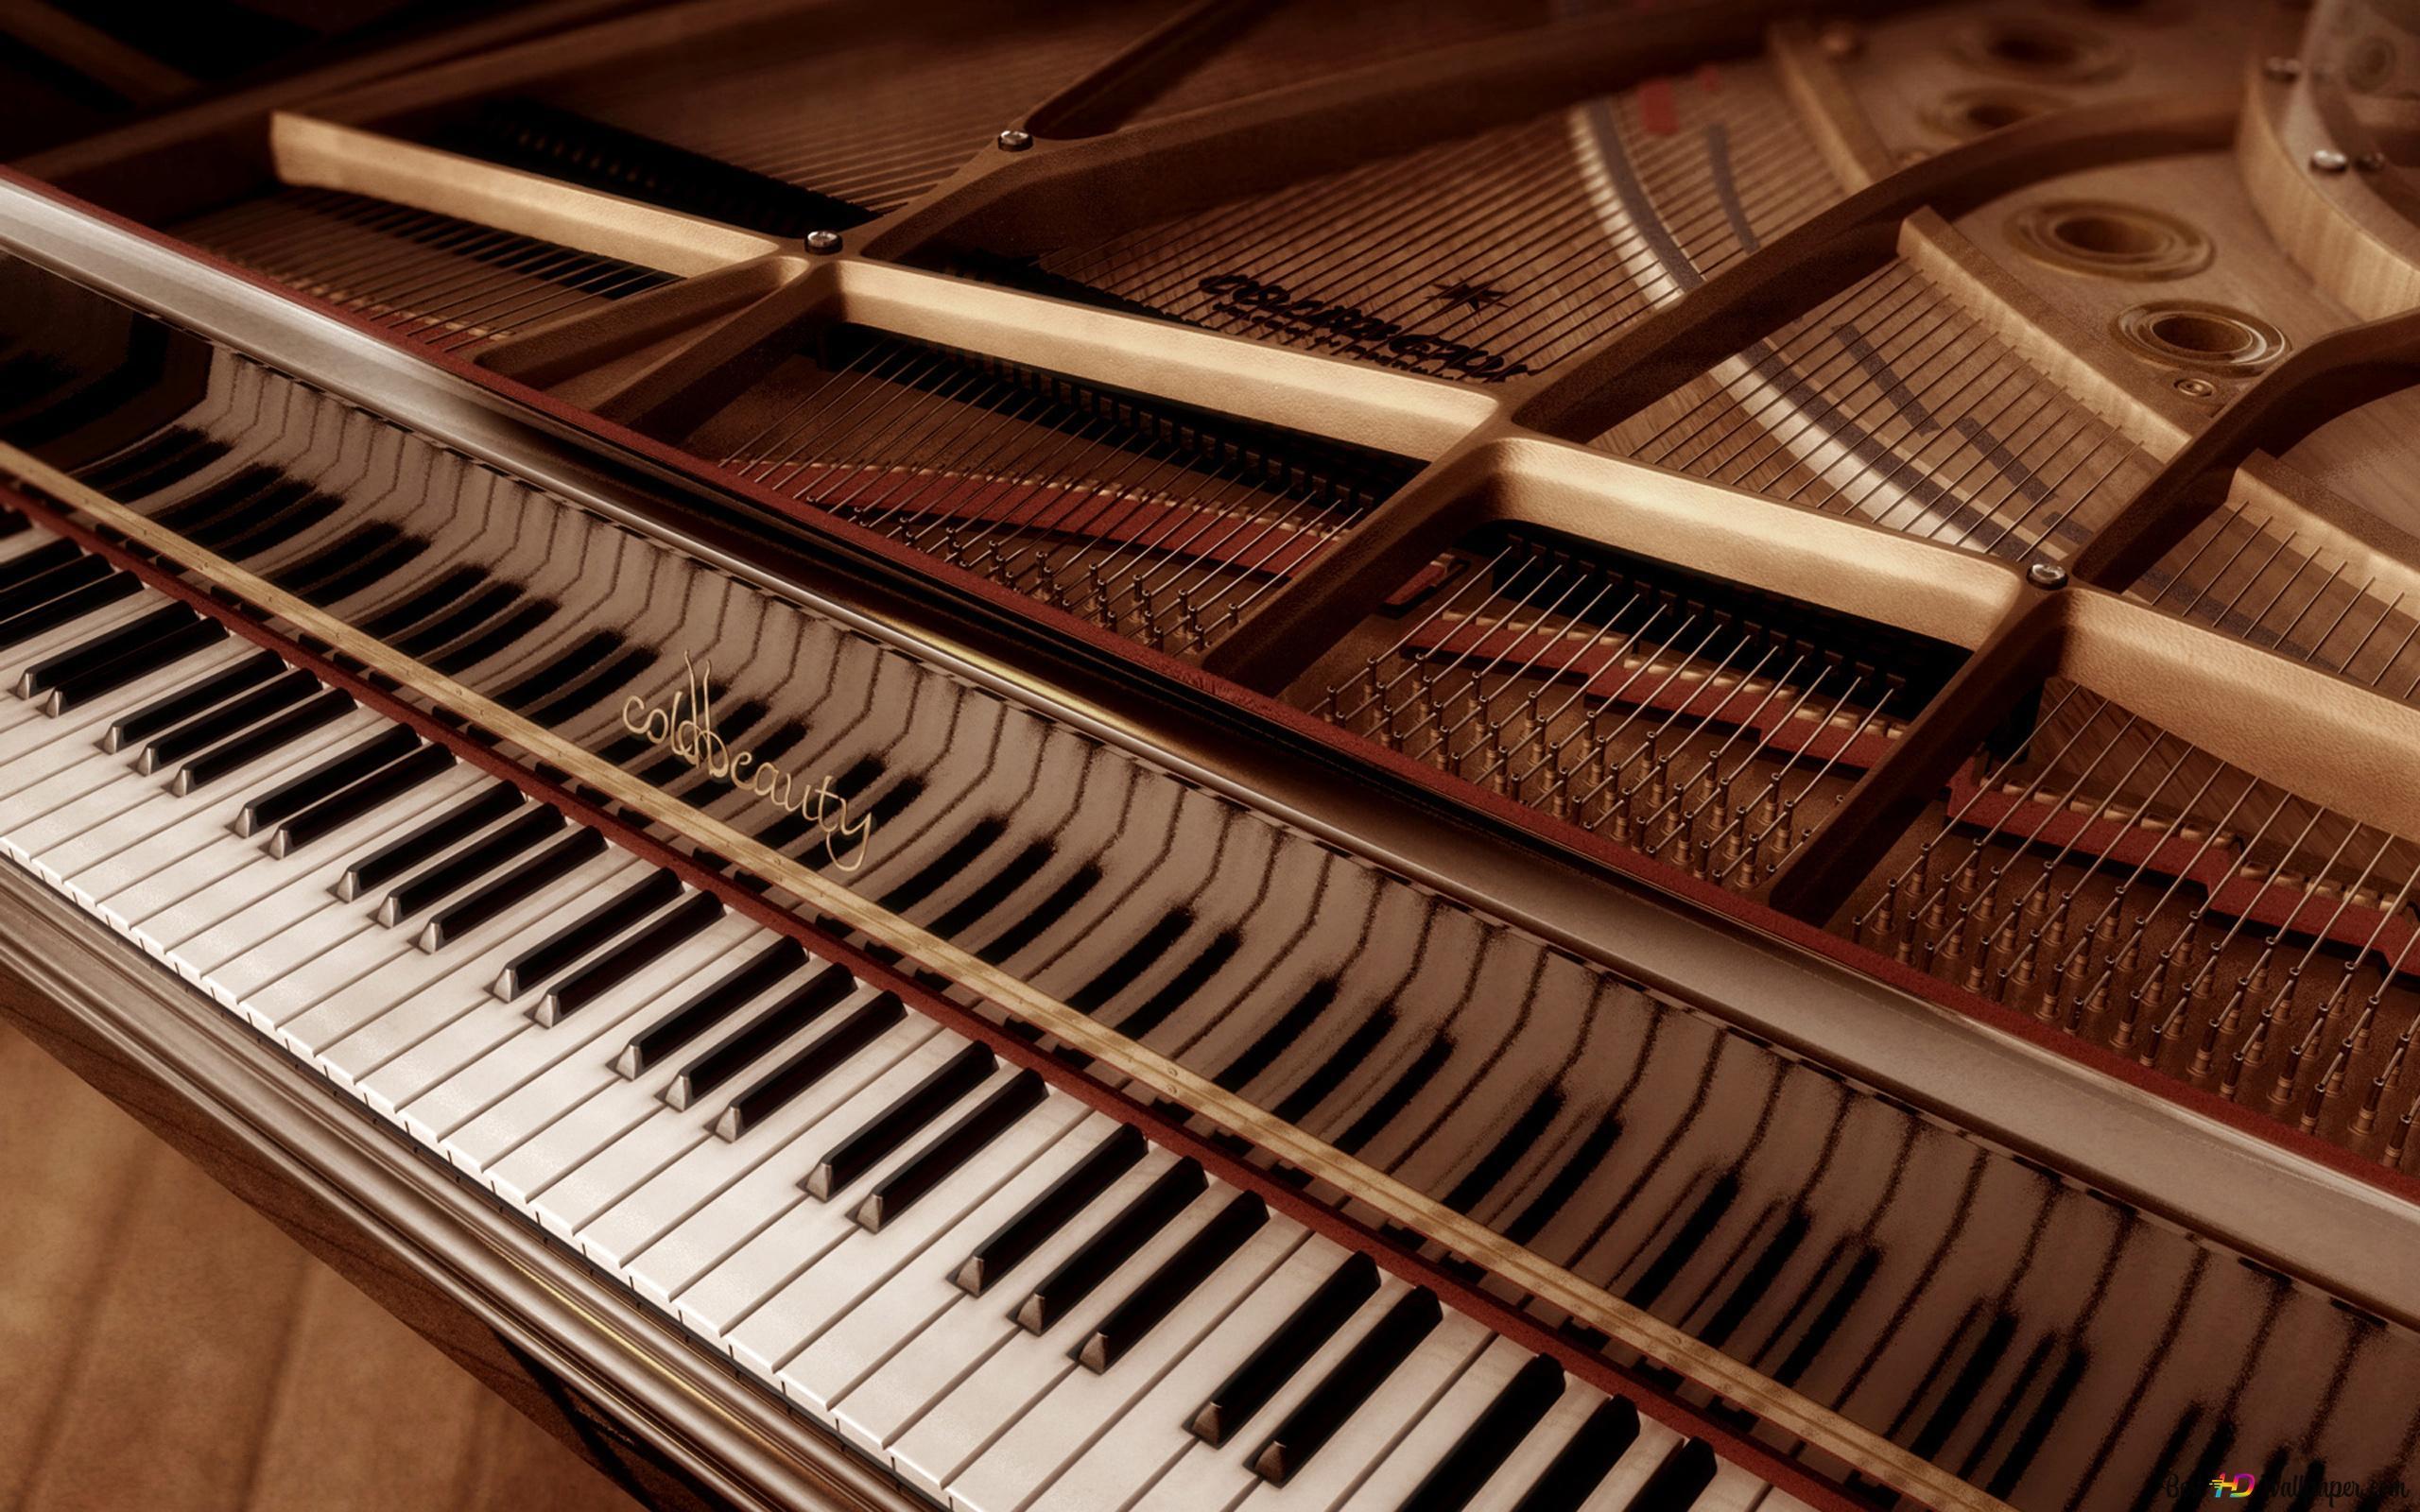 ピアノ楽器 Hd壁紙のダウンロード